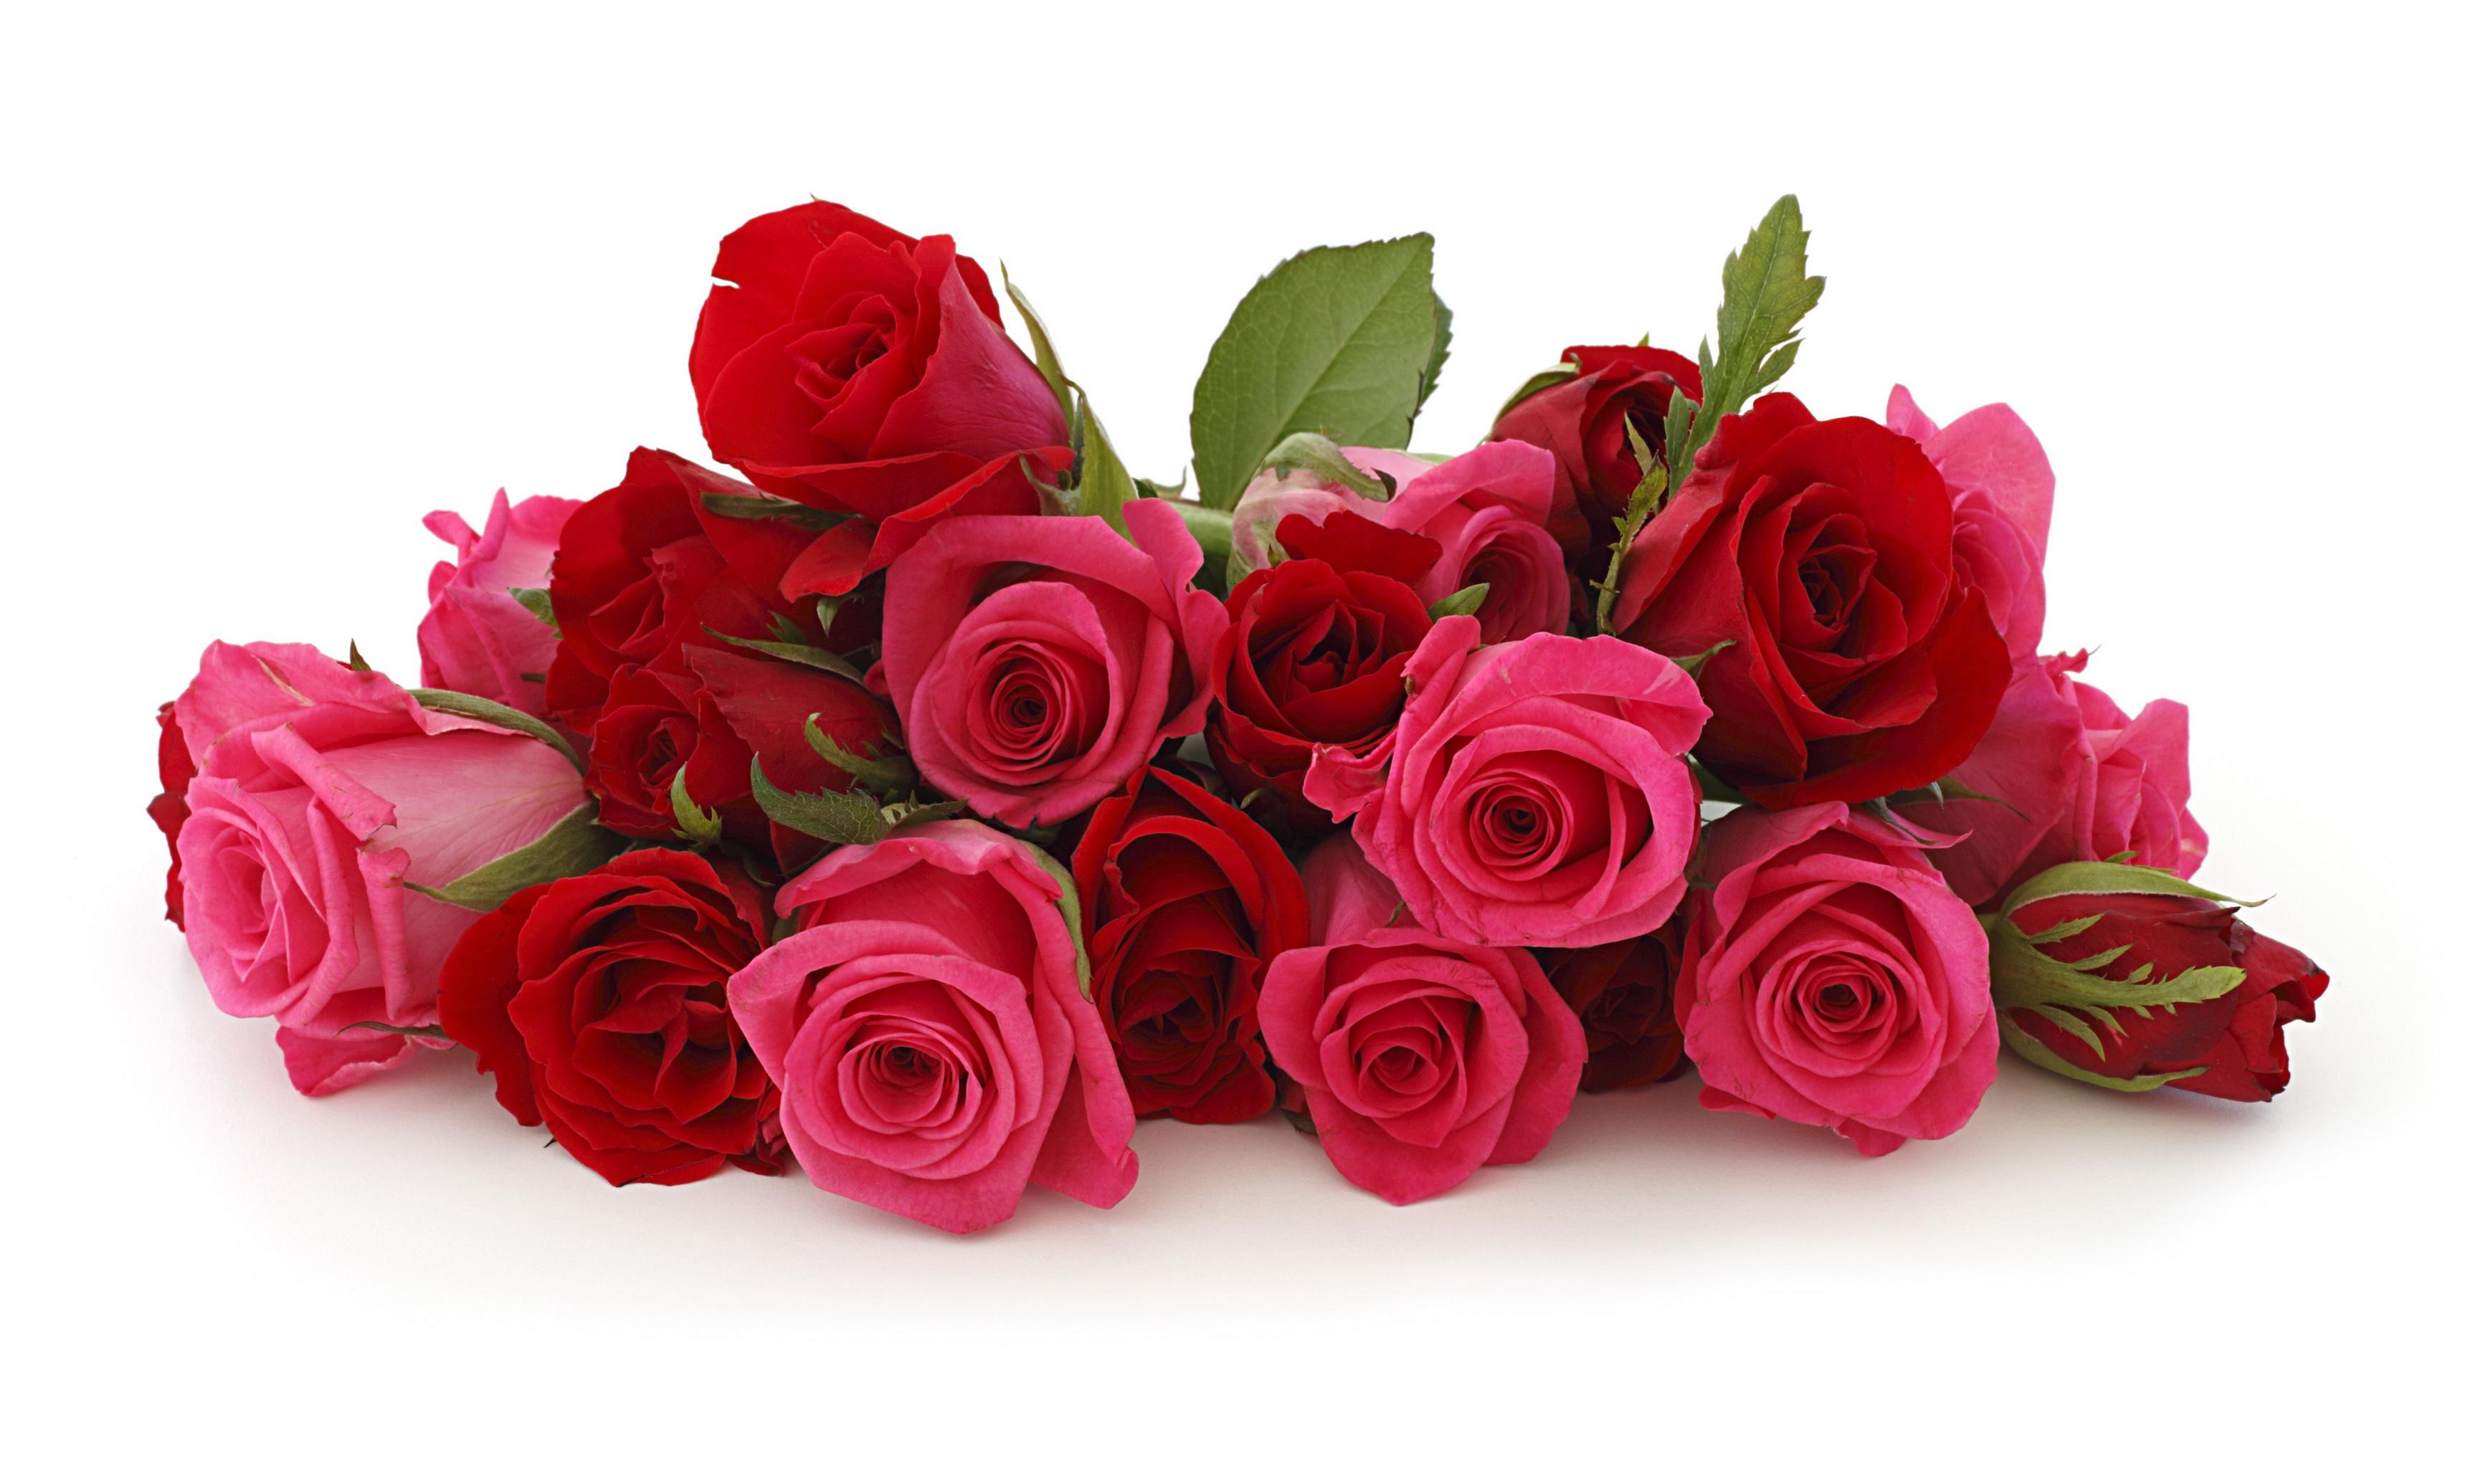 обои для рабочего стола розы: